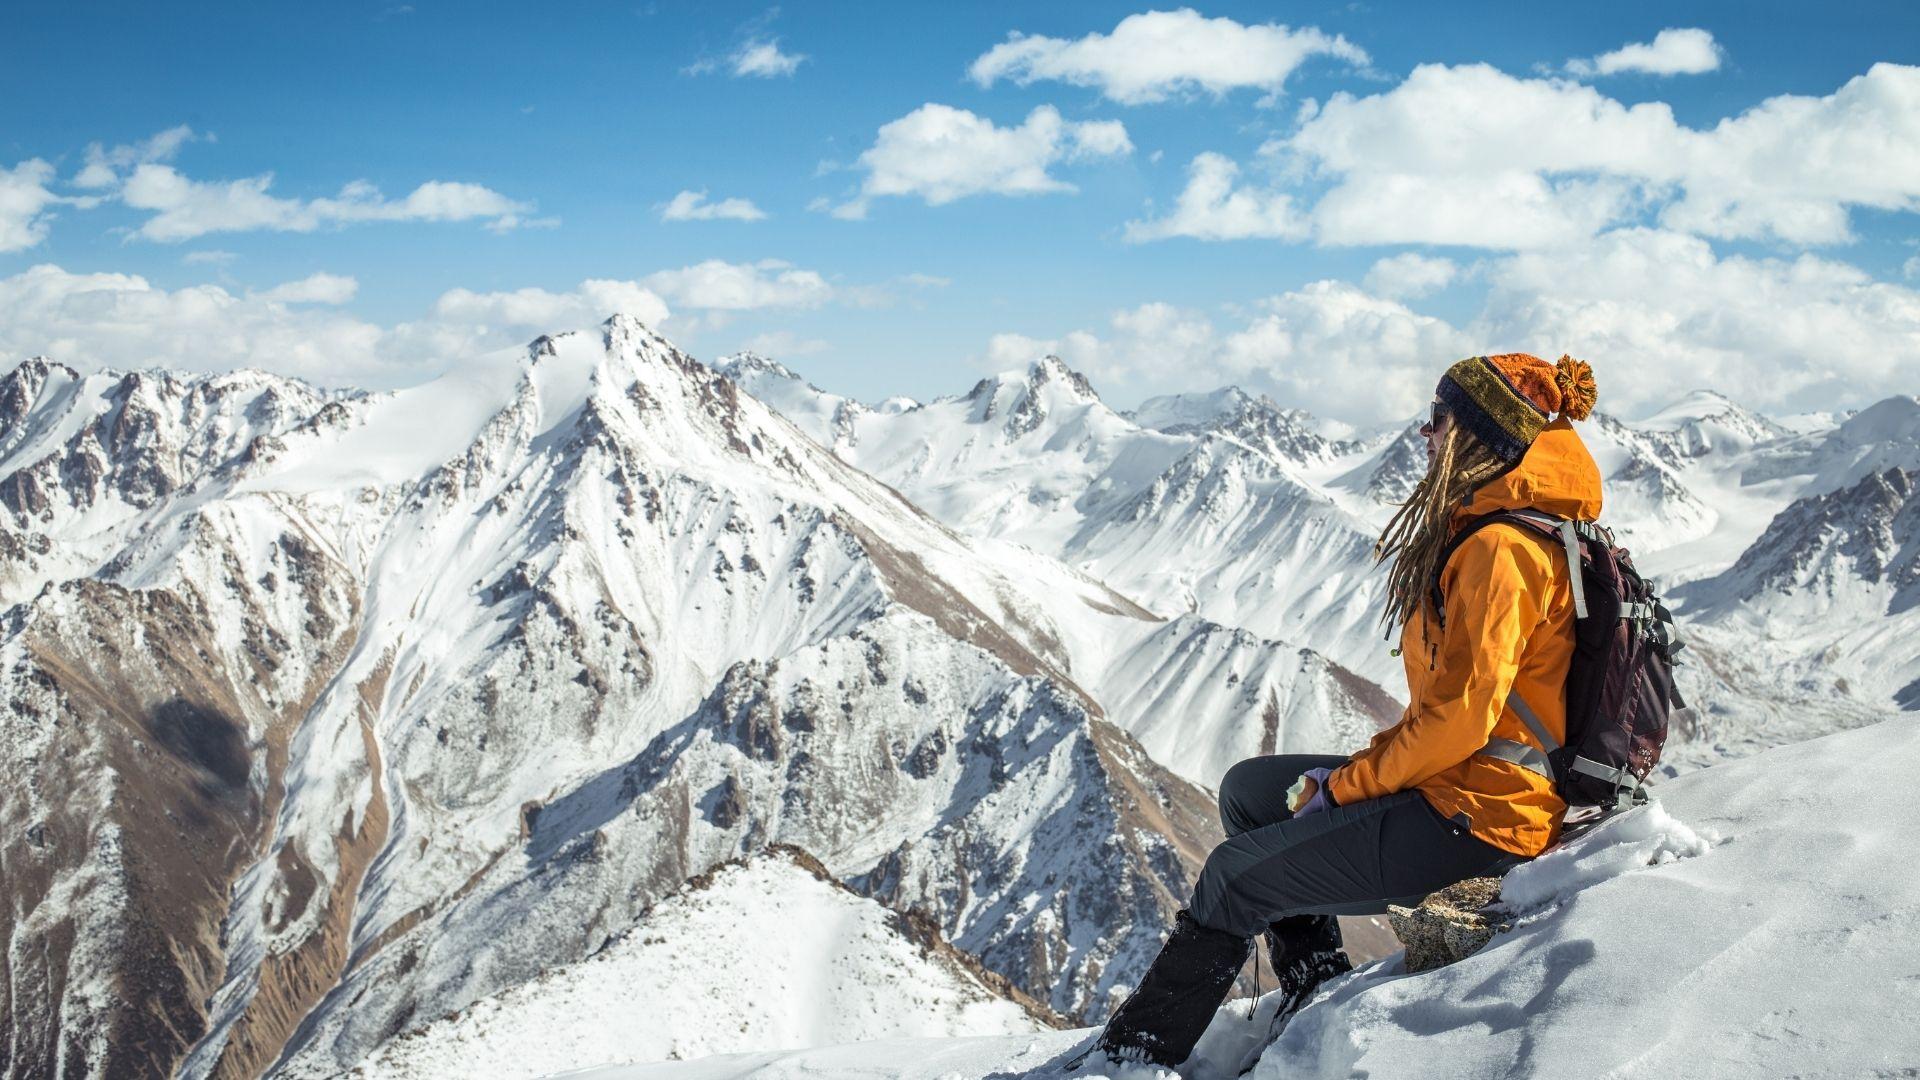 Wintersport paklijst